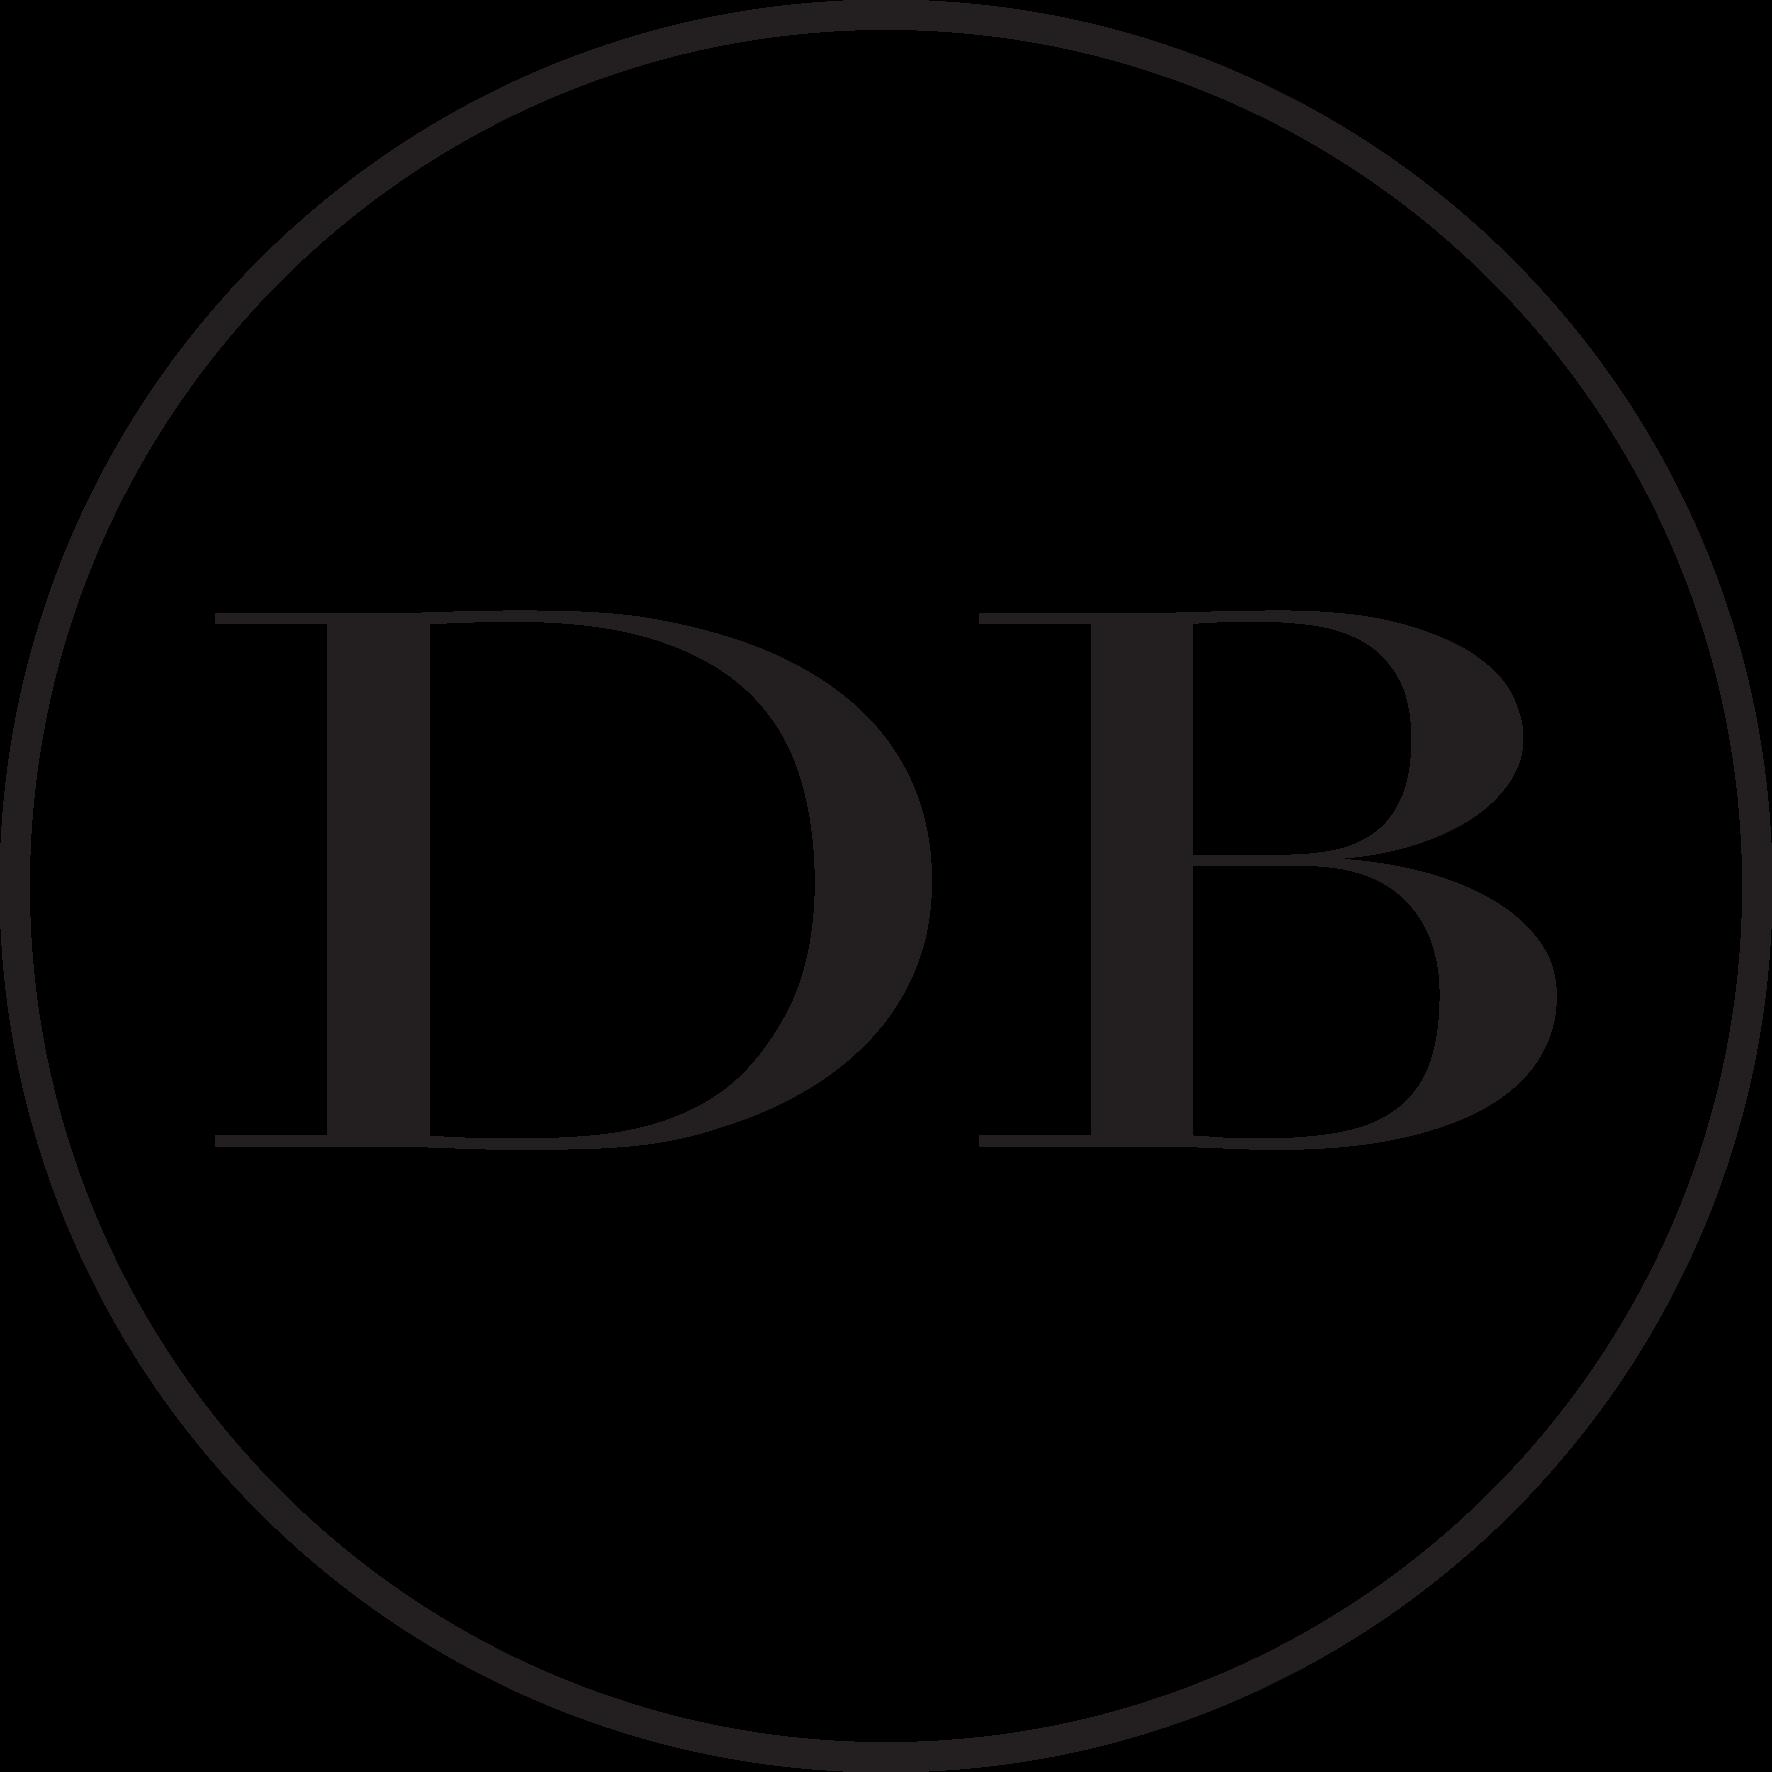 De Beers Group